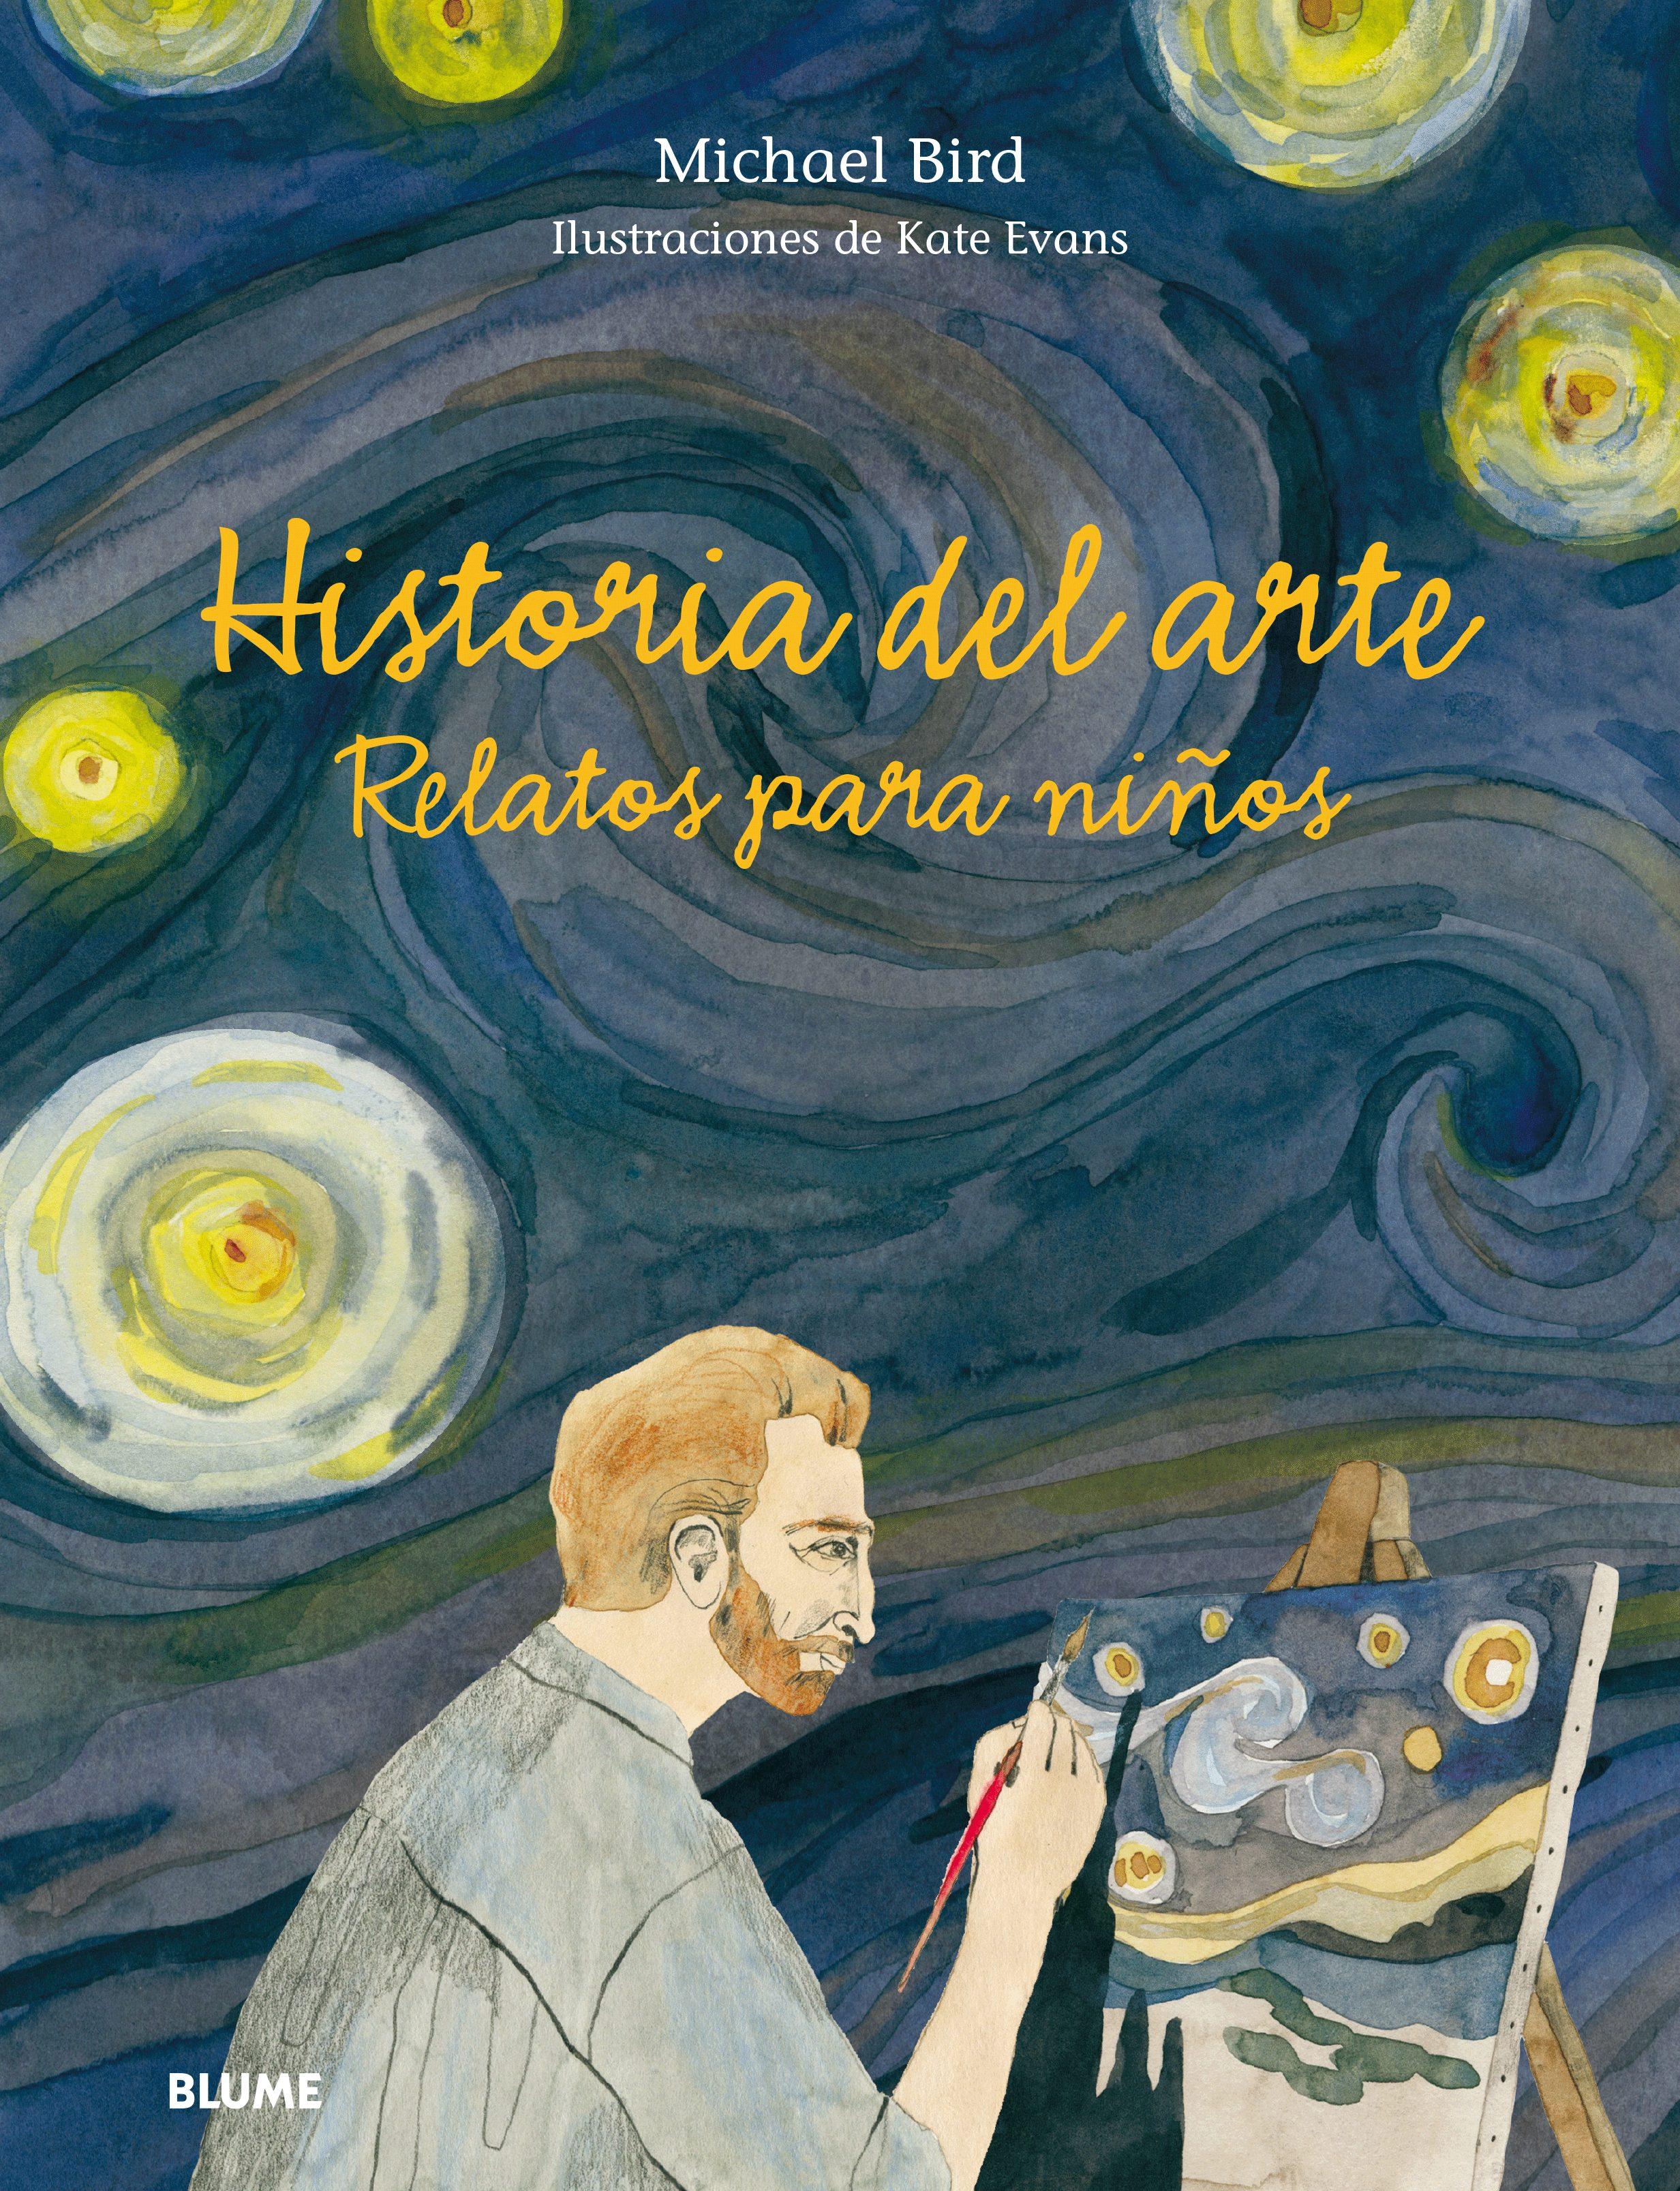 Historia Del Arte: Relatos Para Niños por Michael Bird;                                                                                                                                                                                                          Kate Evans epub